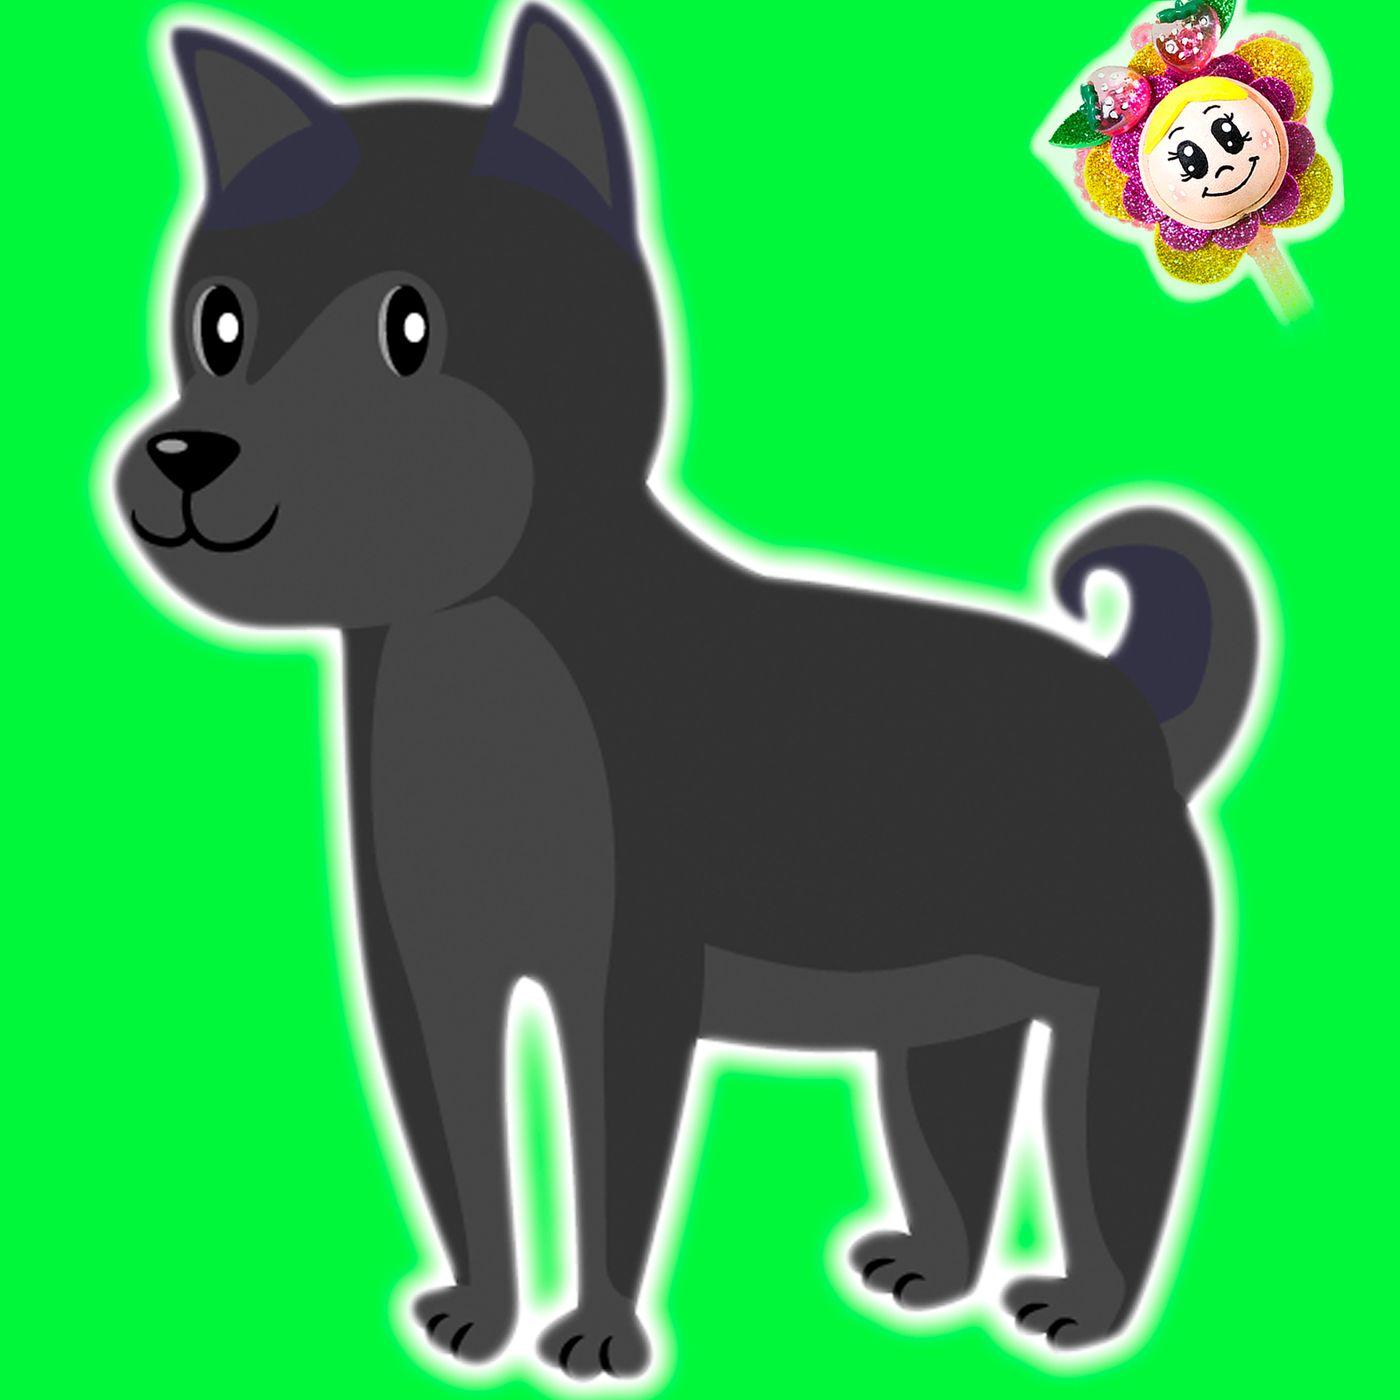 20. Cuento de Dani y la perrita Sira. Entrevista con Katya Vazquez (Fundadora de Cita) sobre Terapias con animales. Aprendemos en familia.